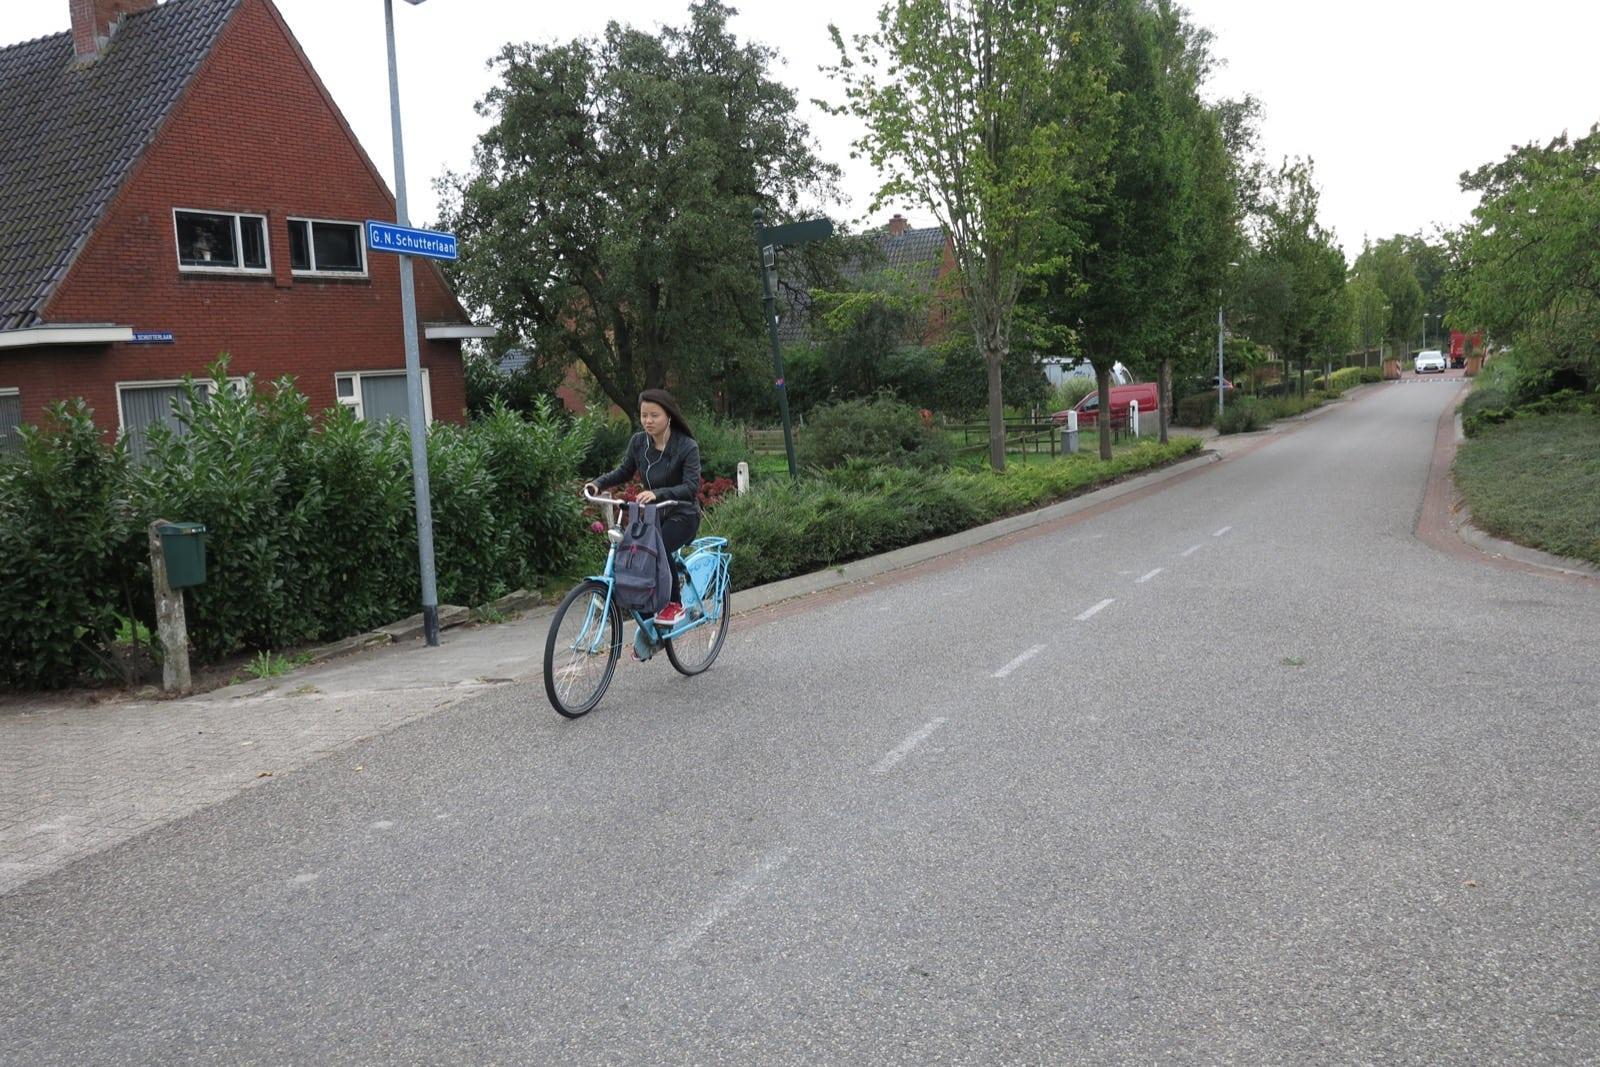 et-fiets-en-fietser-86-fu-mei---luddestraat-oi.jpg